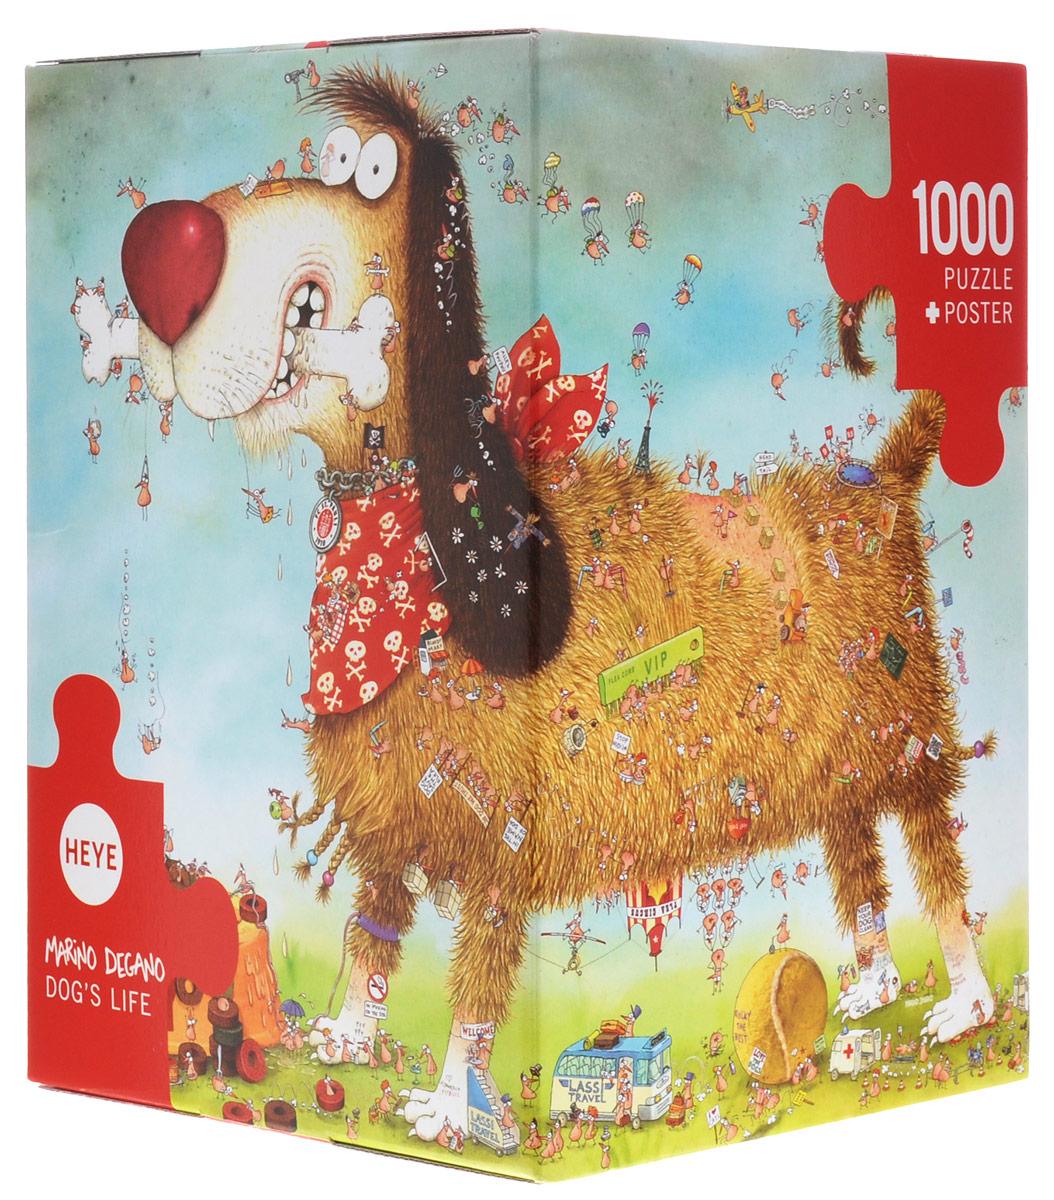 HEYE Пазл Собачья жизнь29491Пазл HEYE Собачья жизнь обязательно придется по душе всей вашей семье. Собрав этот пазл, включающий в себя 1000 элементов, вы получите юмористическую картинку о жизни собаки. Пазлы - прекрасное антистрессовое средство для взрослых и замечательная развивающая игра для детей. Собирание пазла развивает у ребенка мелкую моторику рук, тренирует наблюдательность, логическое мышление, знакомит с окружающим миром, с цветами и разнообразными формами, учит усидчивости и терпению, аккуратности и вниманию. Собирание пазла - прекрасное времяпрепровождение для всей семьи. К пазлу прилагается постер.